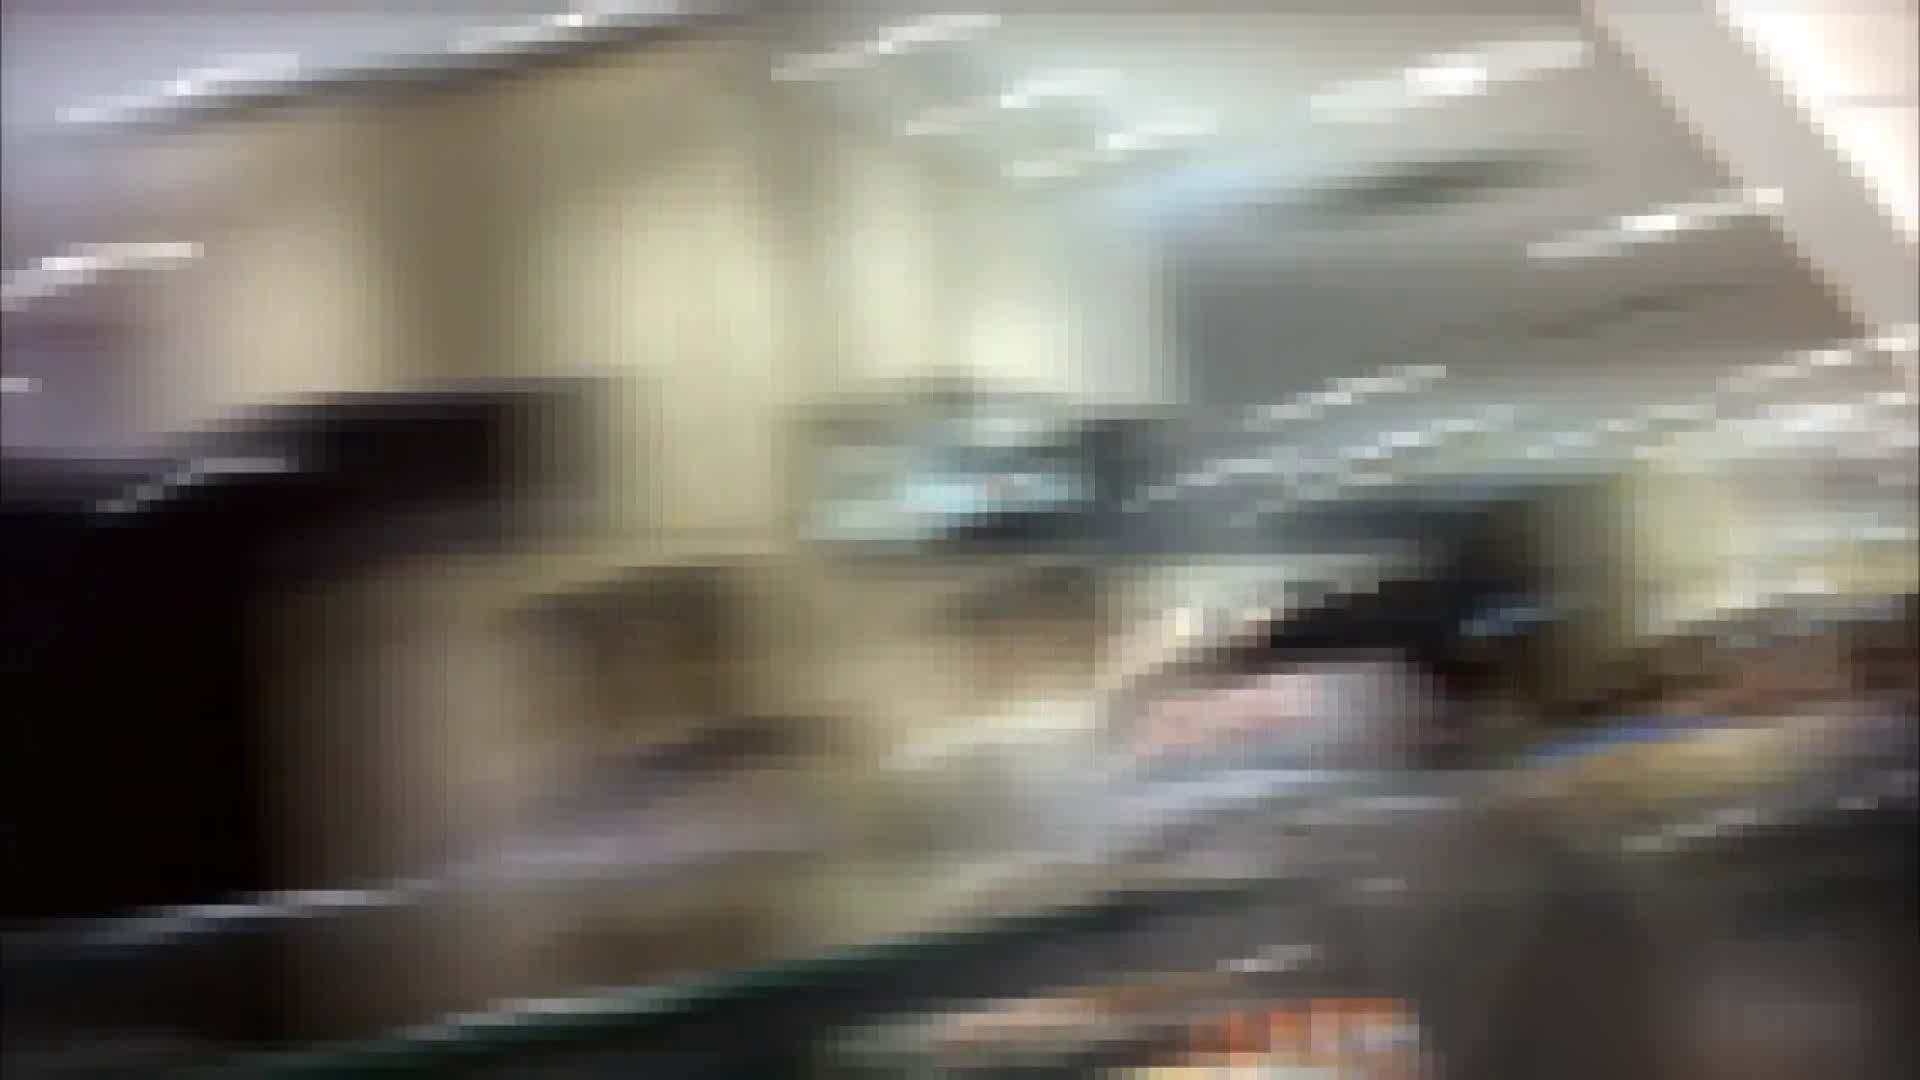 ガールズパンチラストリートビューVol.020 新入生パンチラ | チラ歓迎  85pic 45